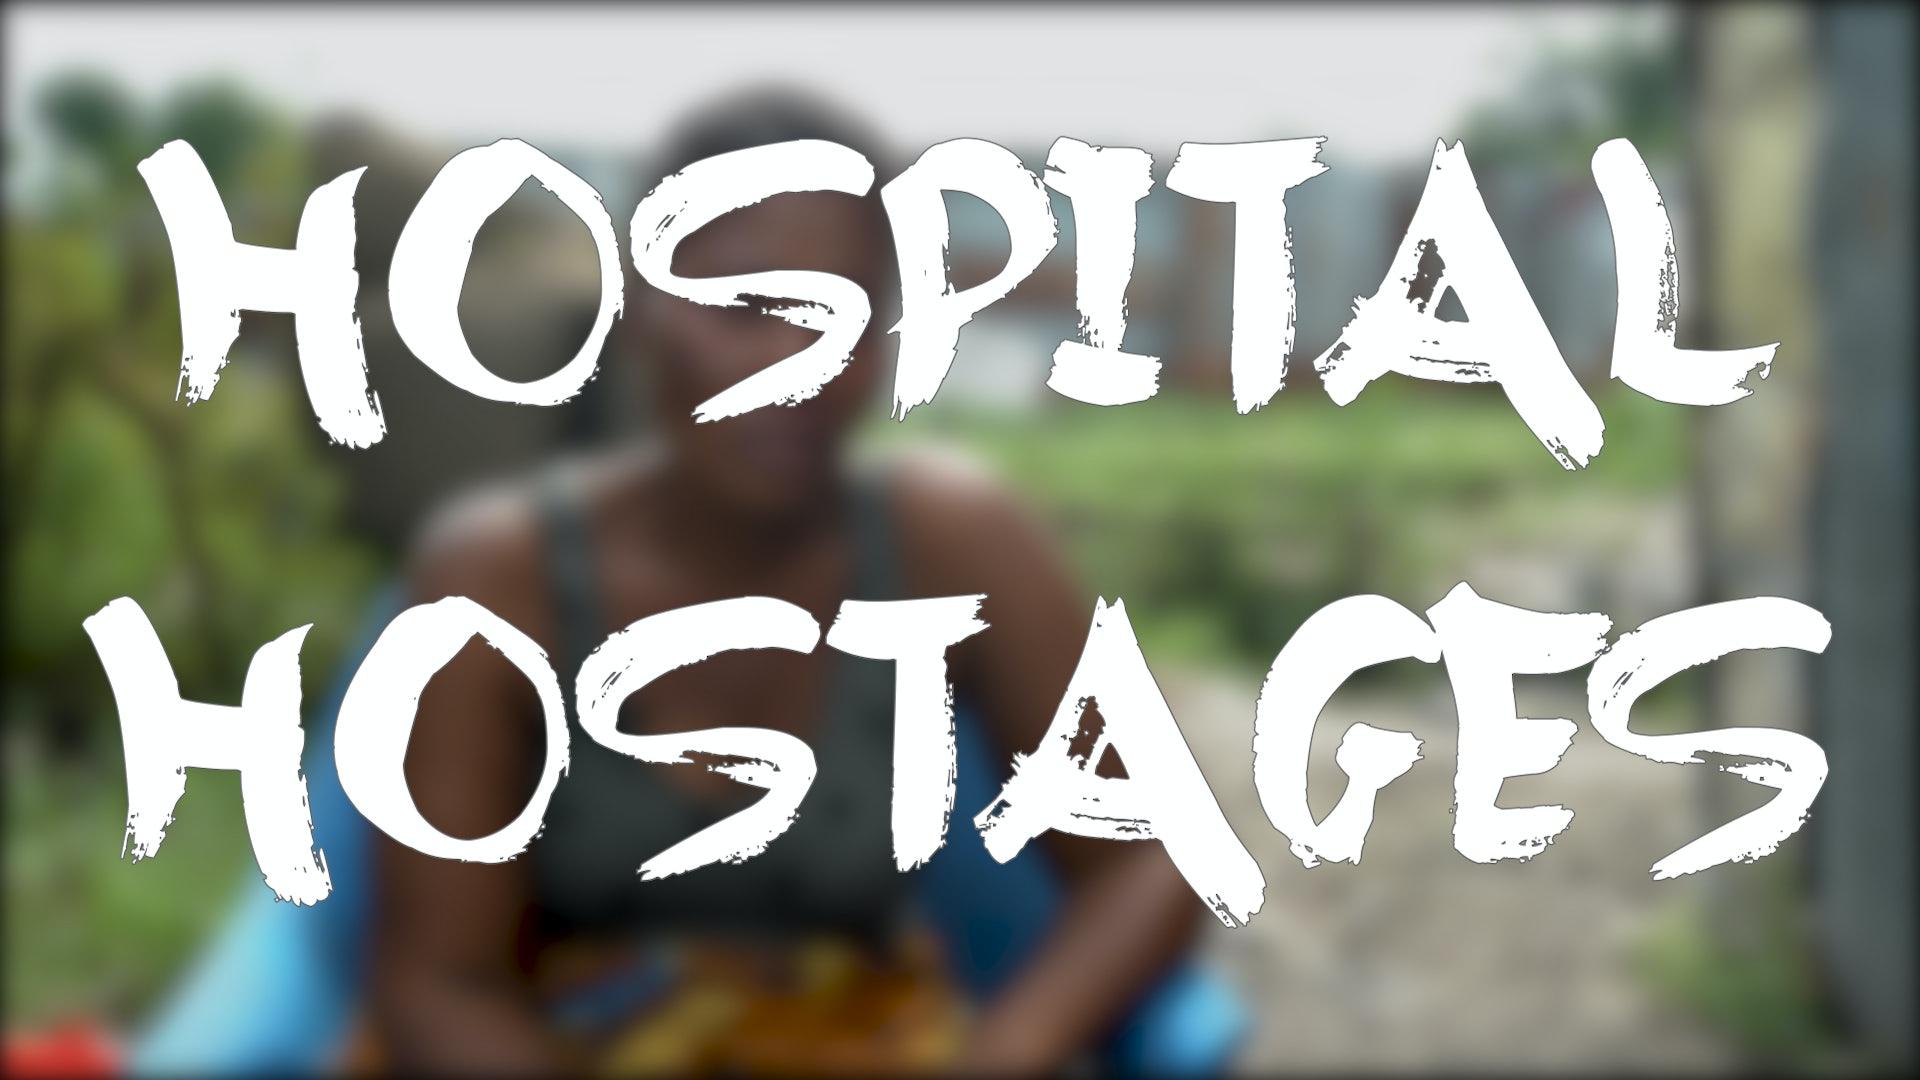 hospital hostages